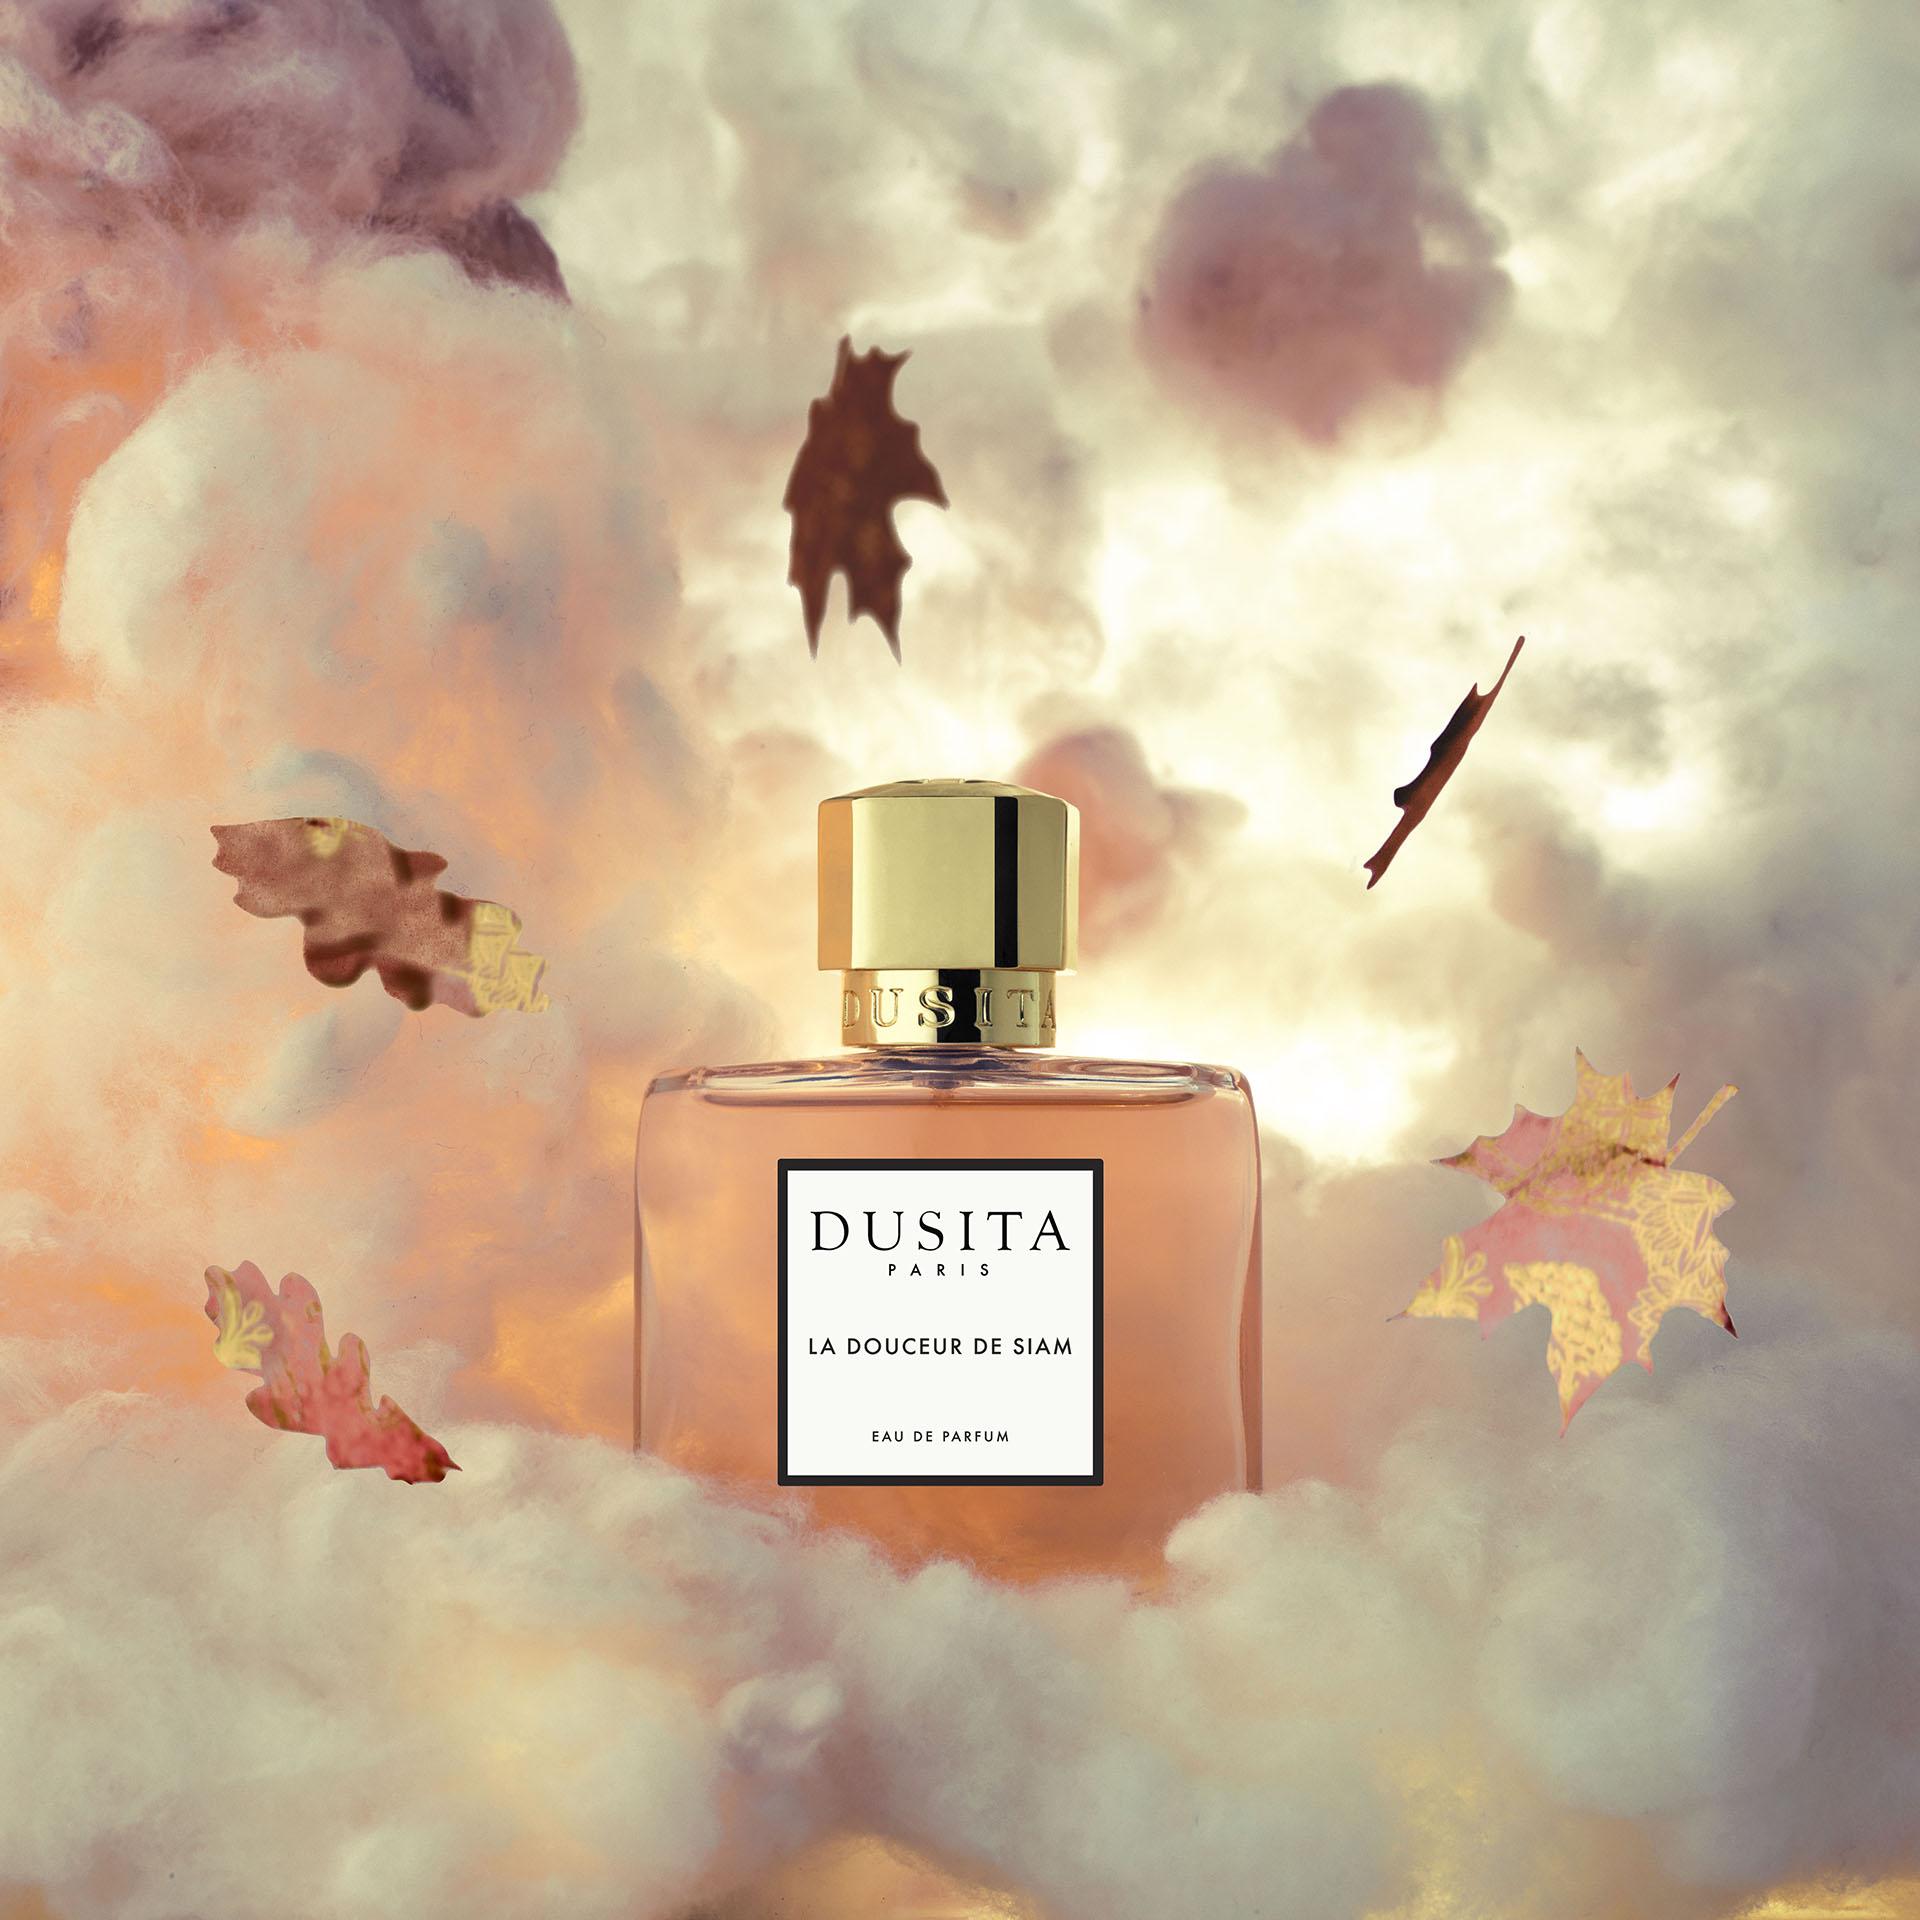 Парфюмированная вода Parfums Dusita La Douceur de Siam